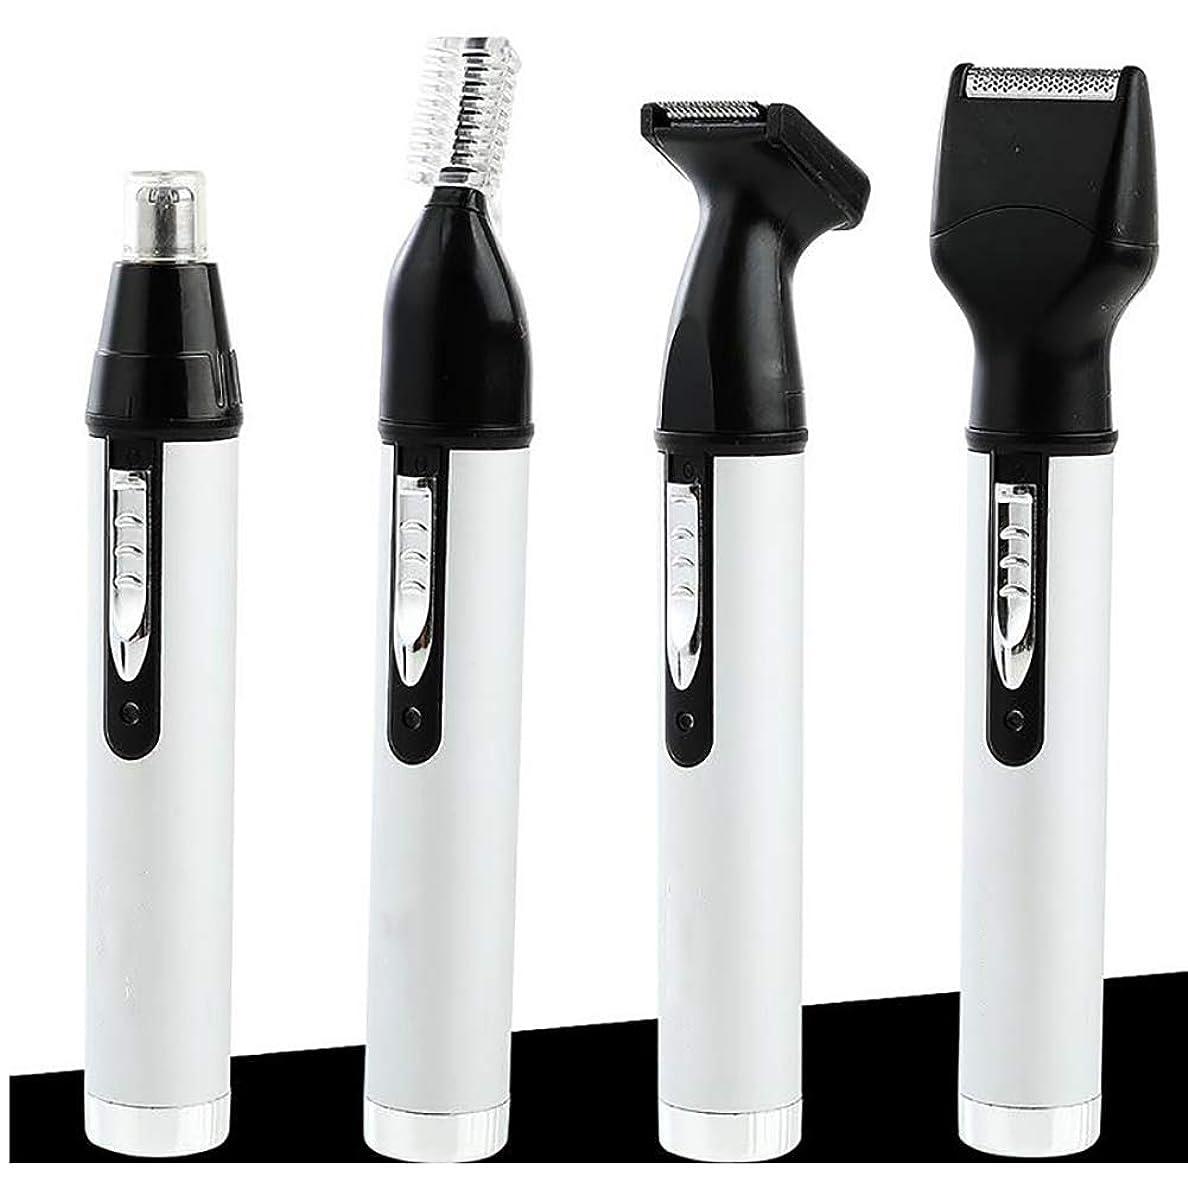 トリッキー間違えたセメント男性用女性用鼻毛トリマー、4つのうち1つの再充電可能なプロフェッショナル電動眉毛と顔用ヘアトリマー、湿/乾(白)